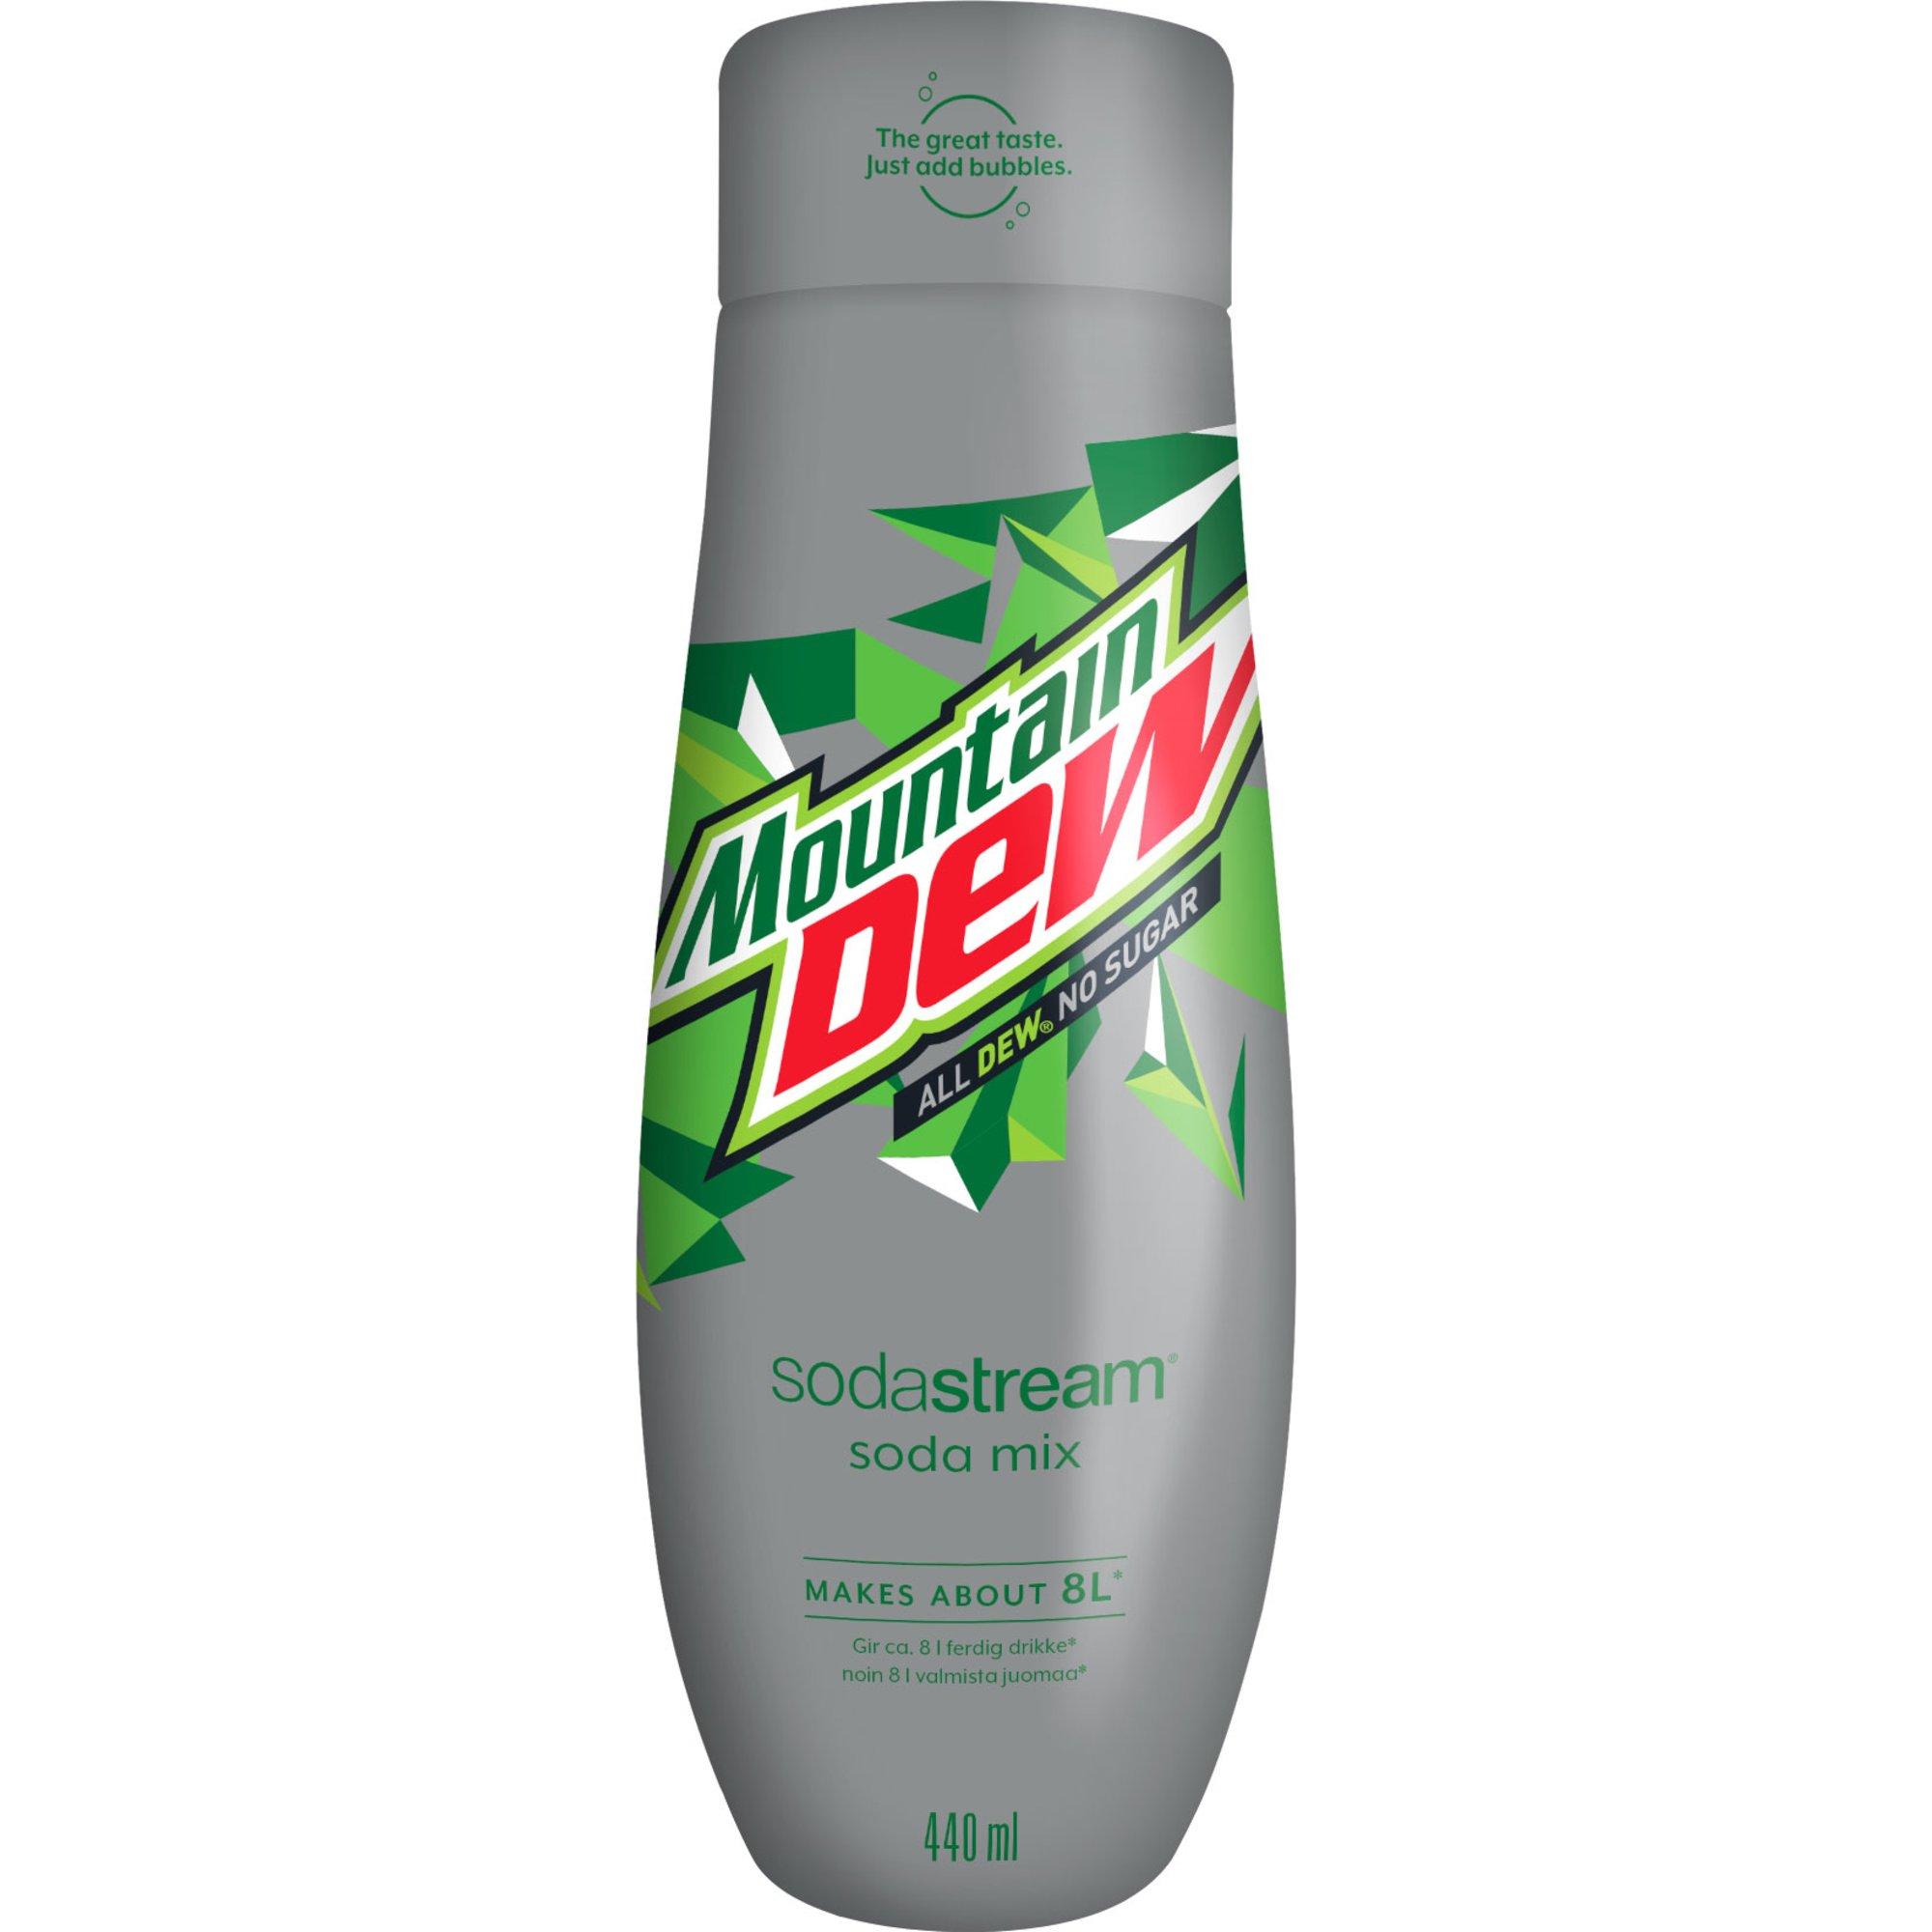 SodaStream Mountain Dew Diet Smakkoncentrat 440ml